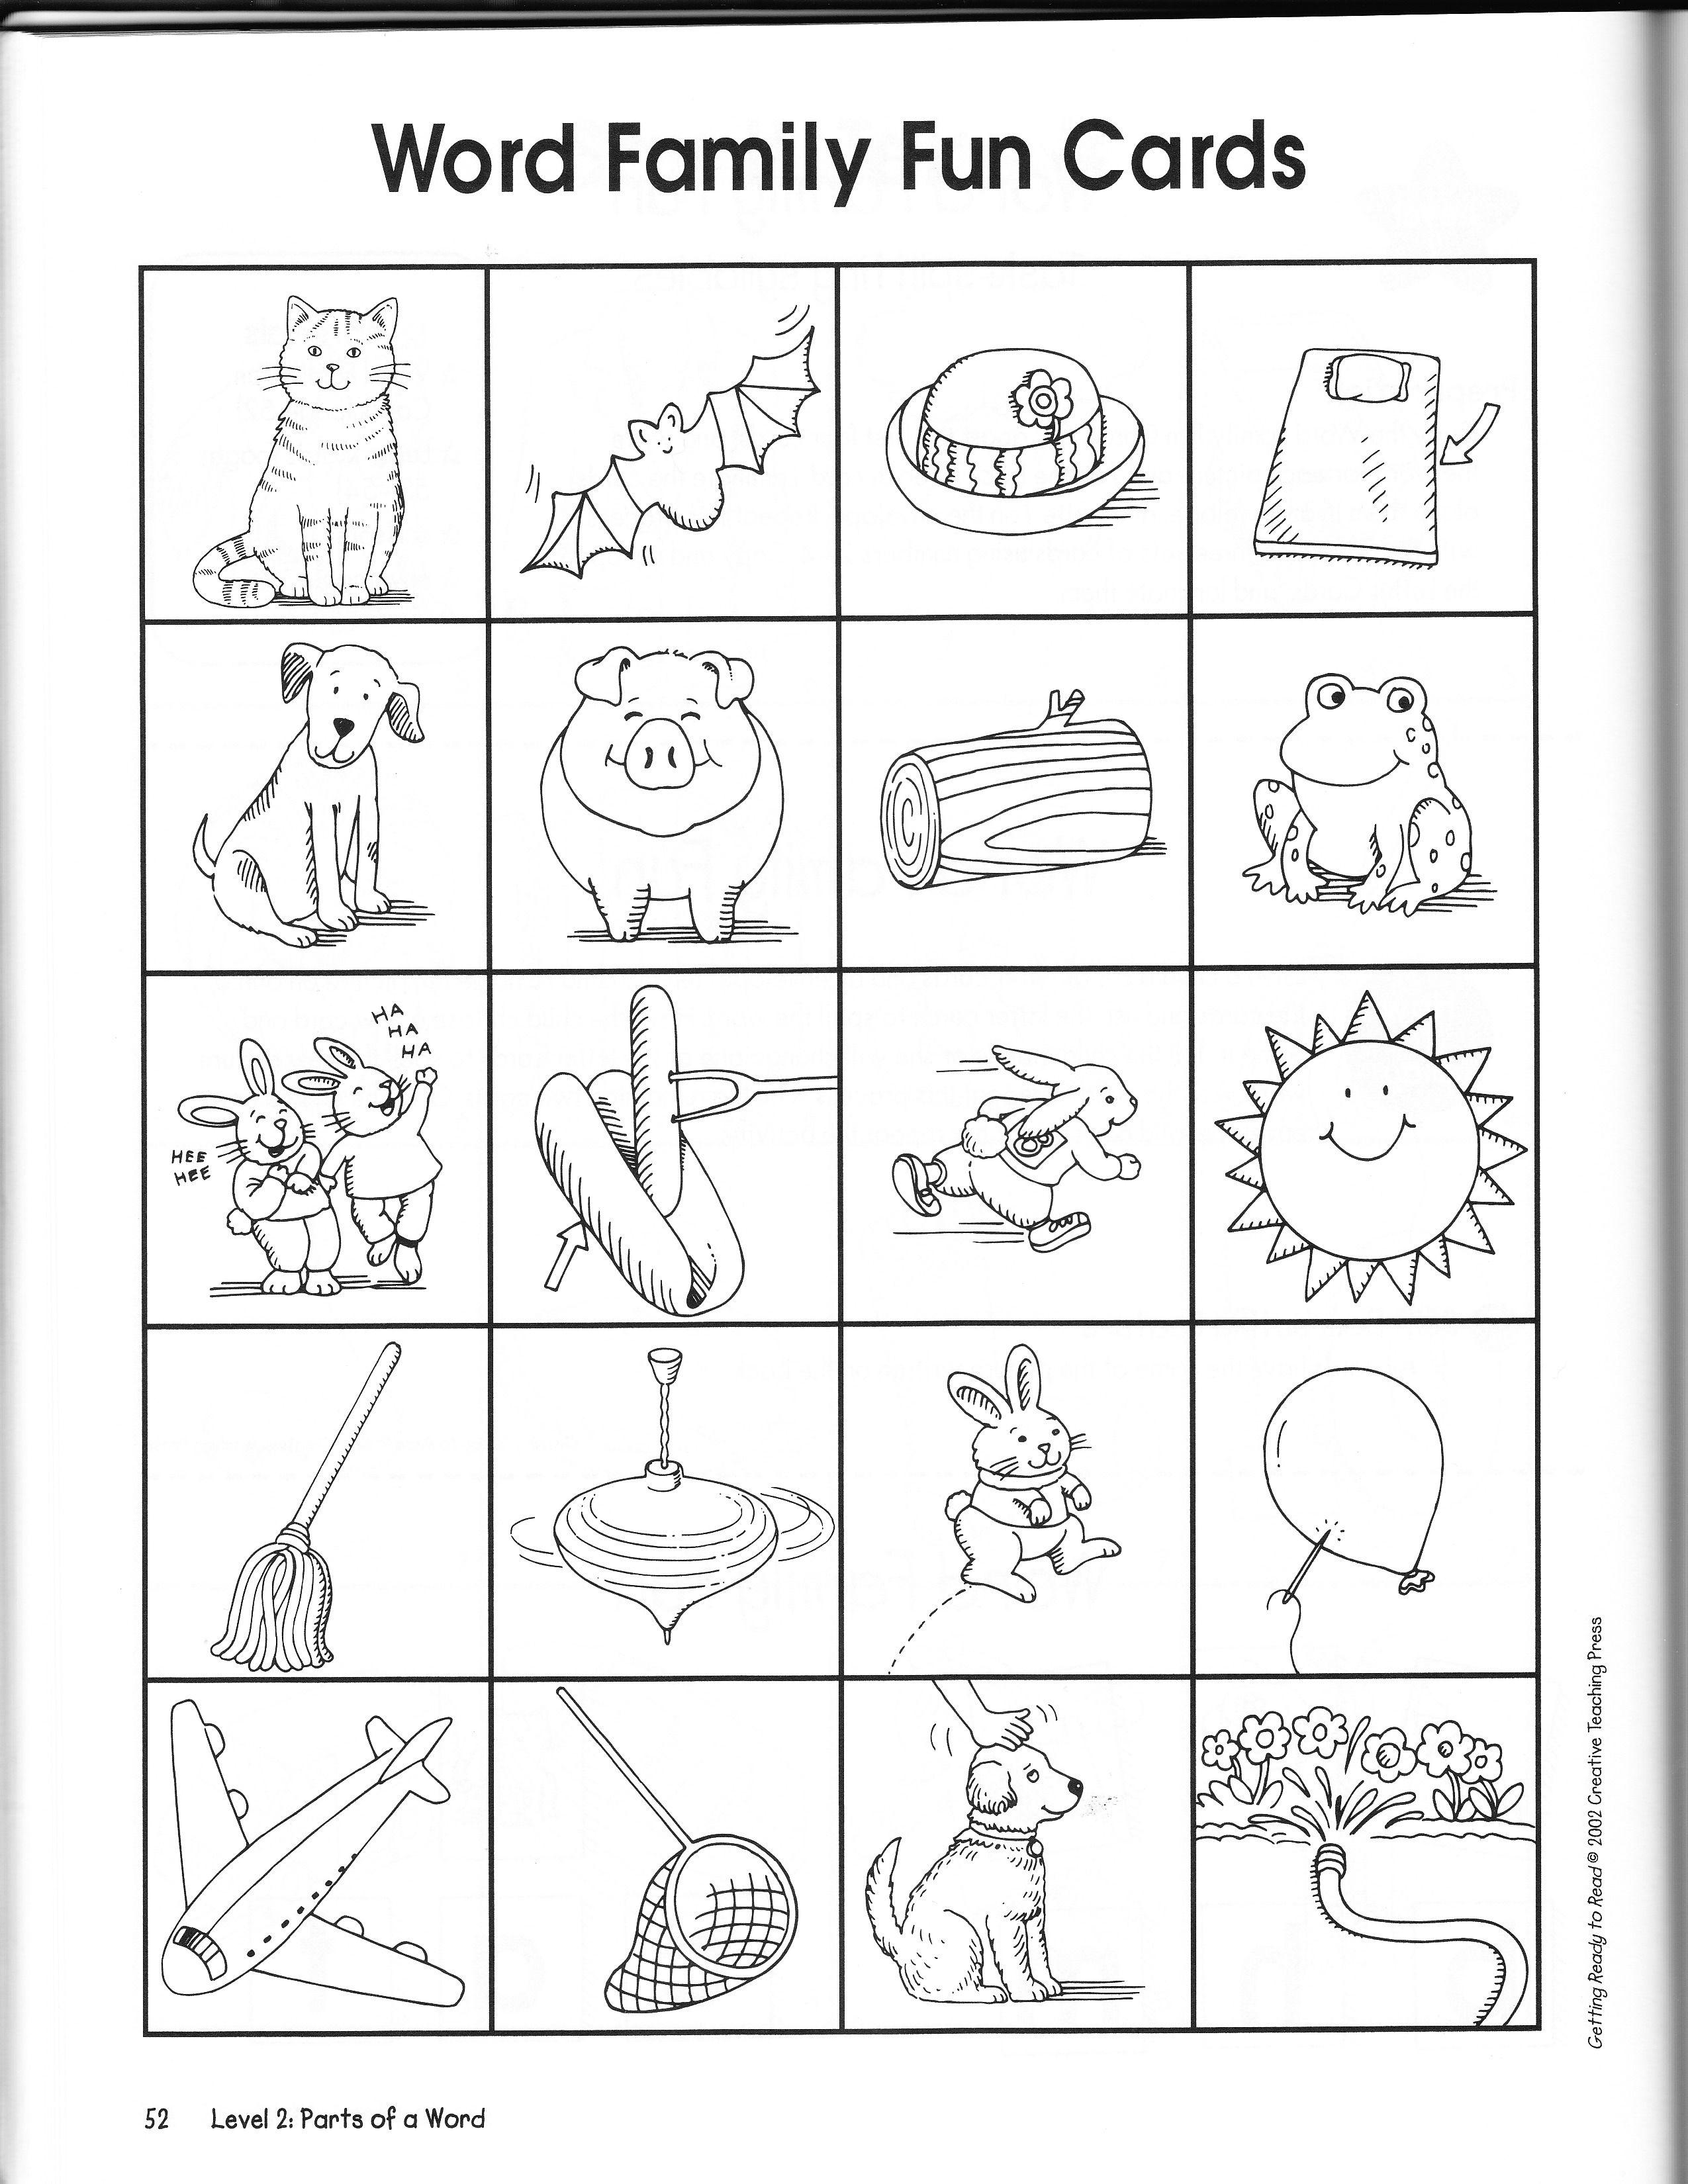 Parent Games Kindergarten Nana Rhyming Worksheet Kindergarten Worksheets Printable Kindergarten Worksheets [ 3300 x 2550 Pixel ]